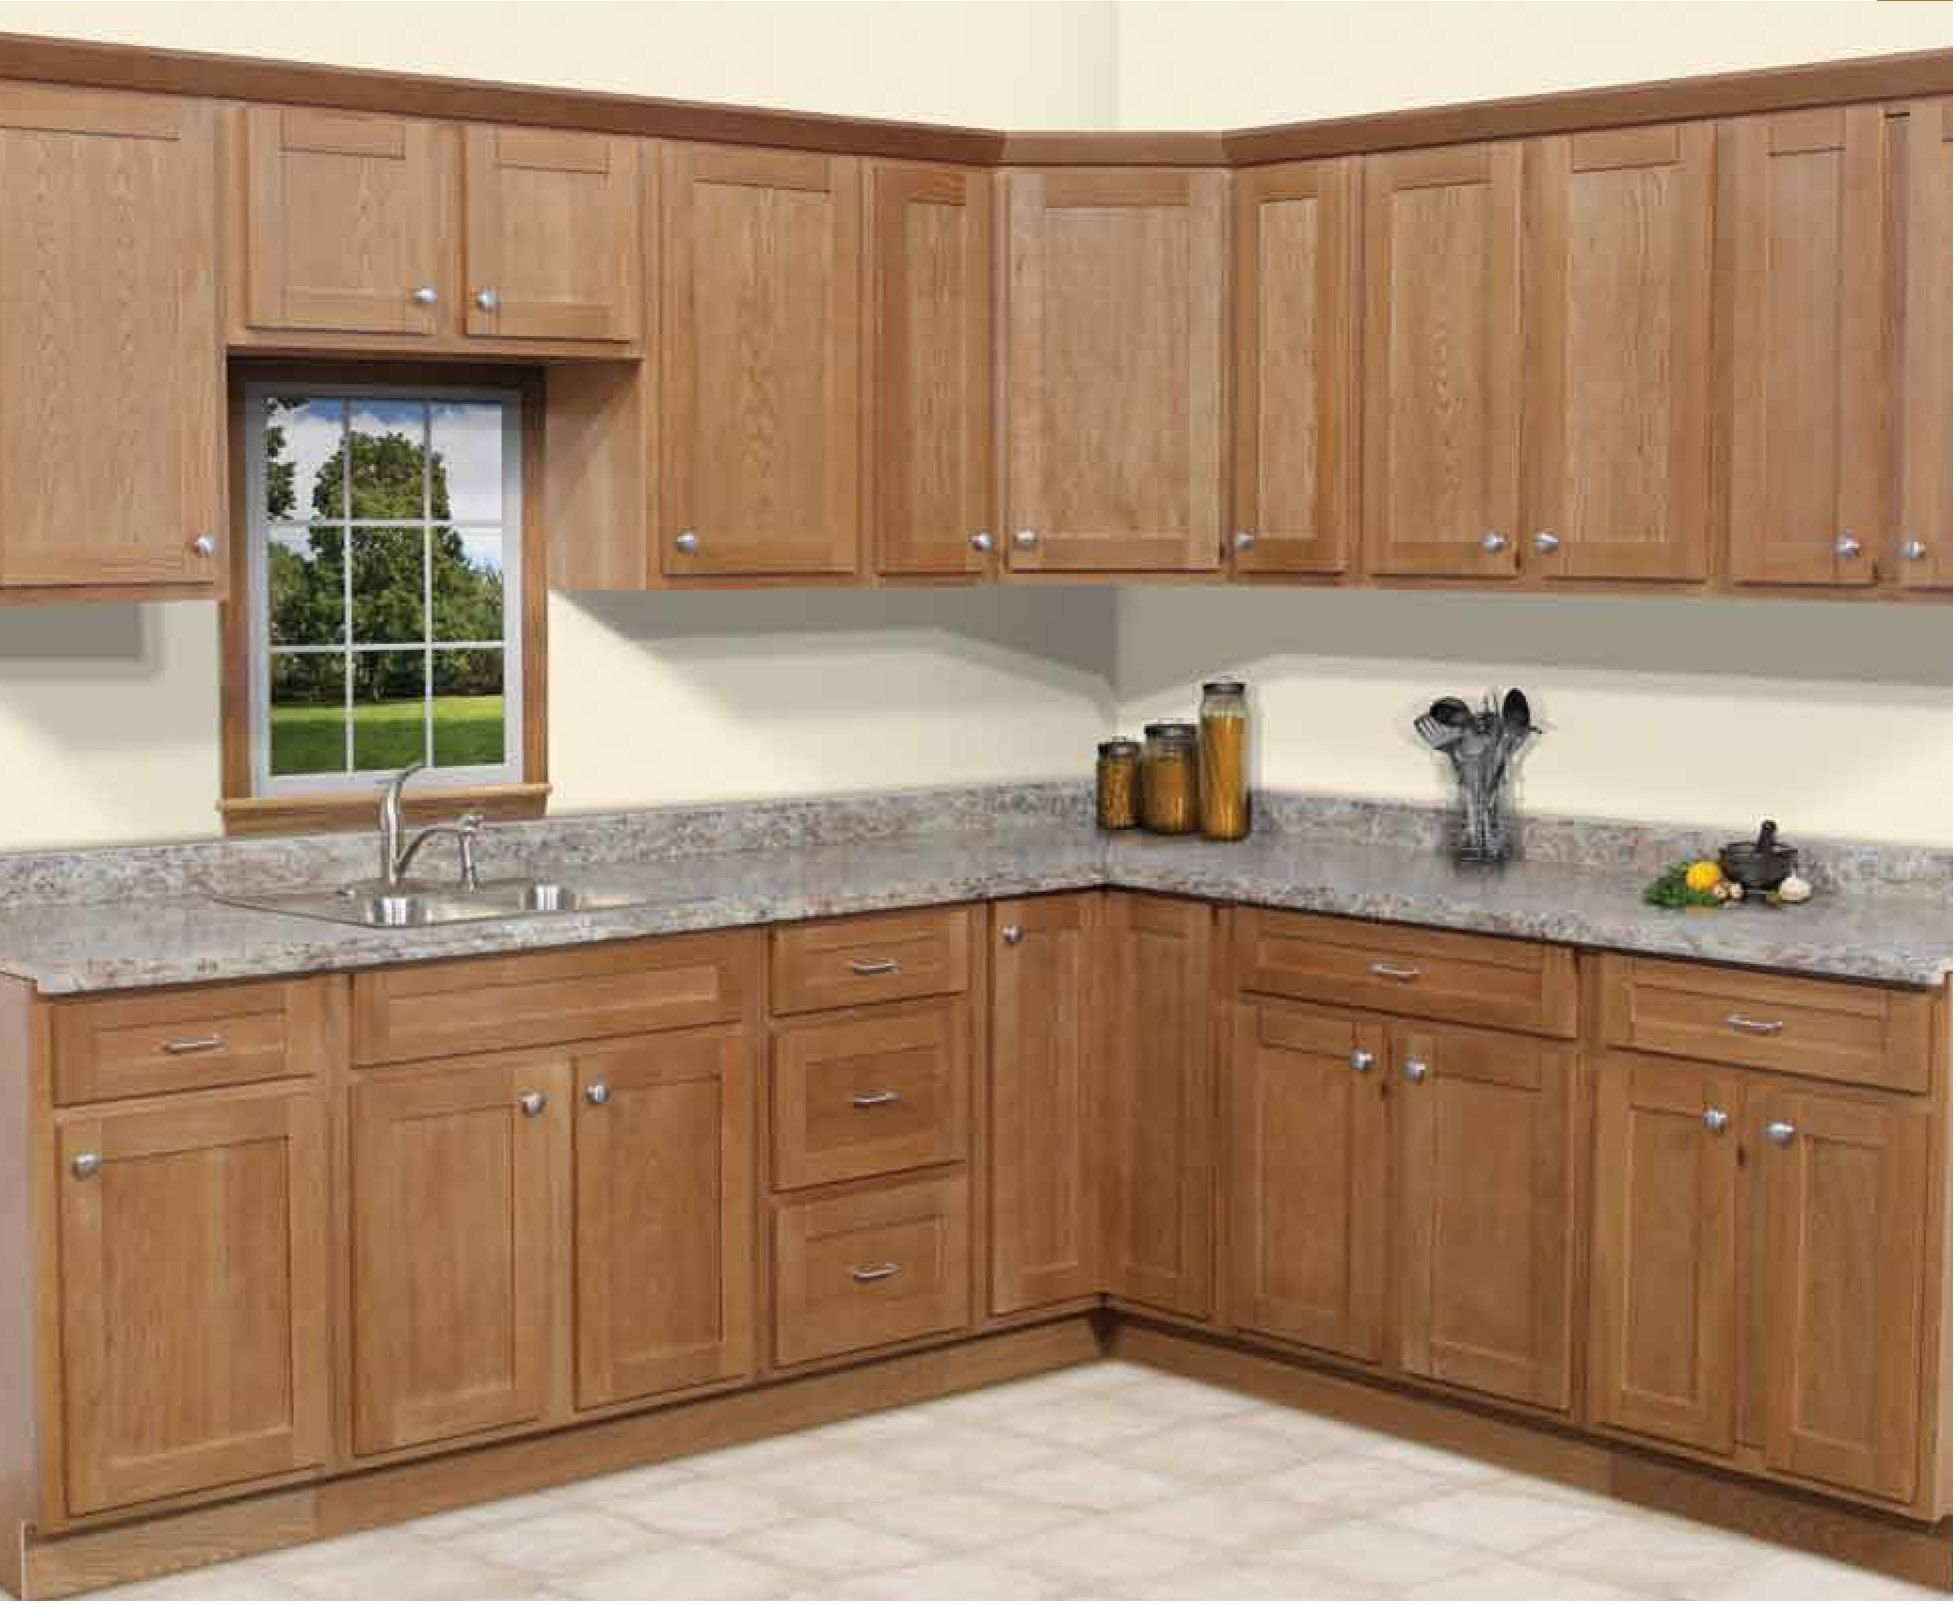 Shaker Style Door Overlay Kitchens Shaker Style